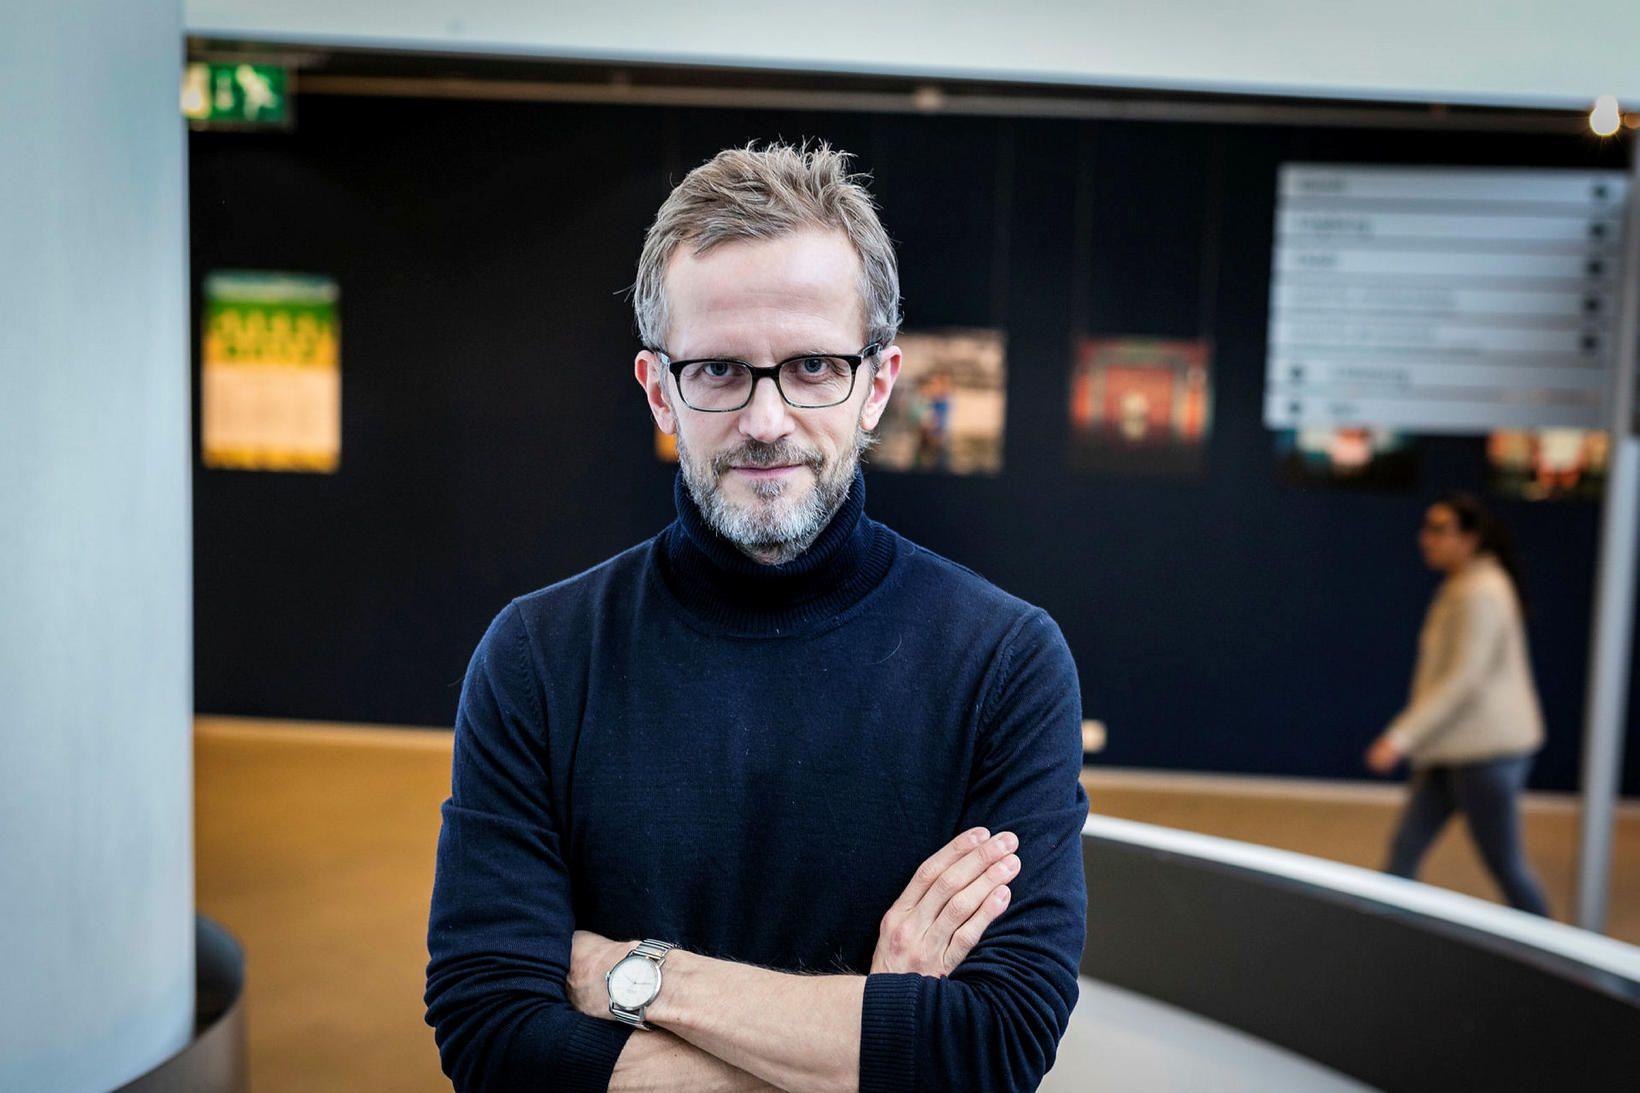 Viðar Halldórsson, prófessor í félagsfræði við Háskóla Íslands.